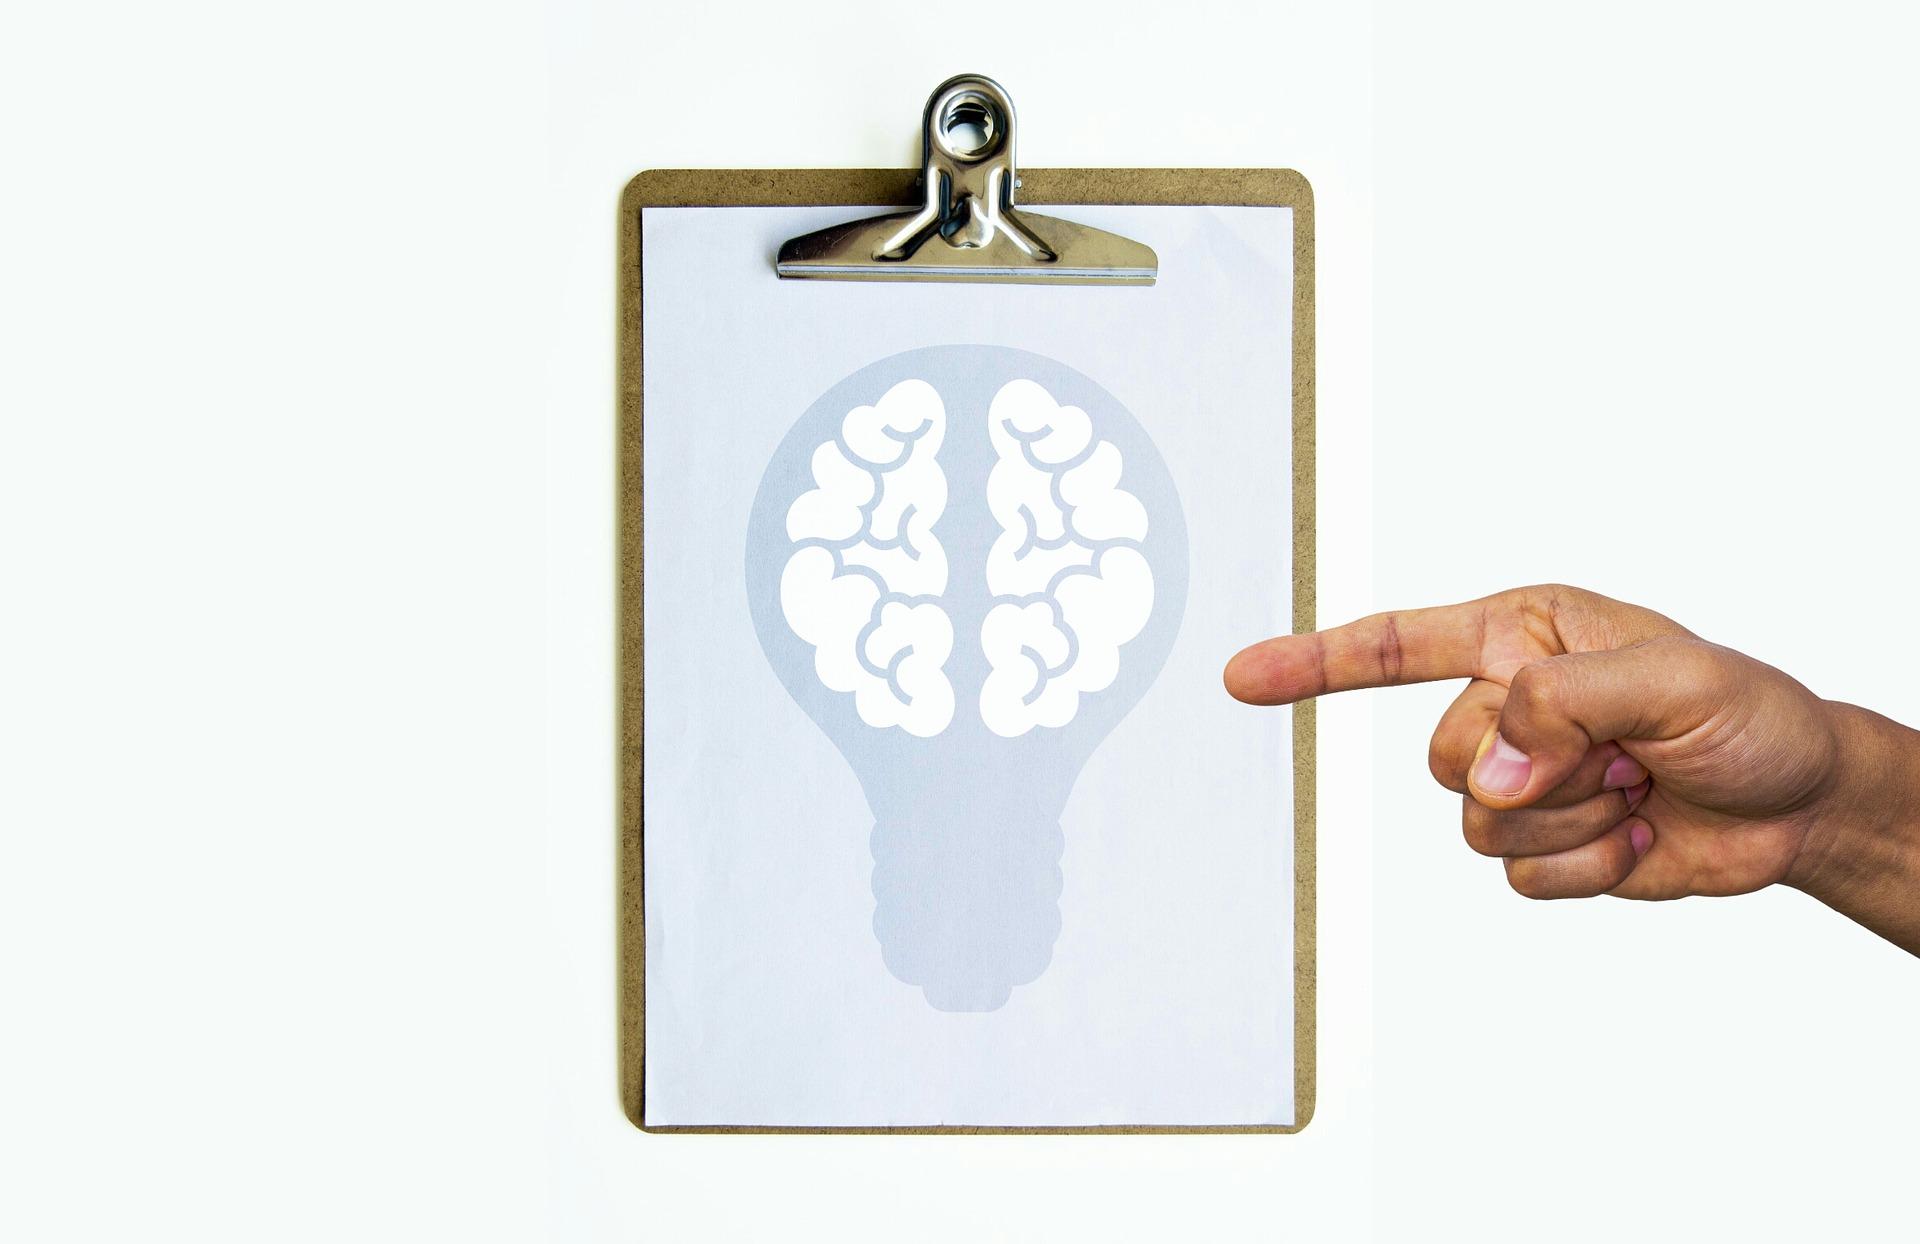 Impact mémoire - Faites en sorte que l'on se souvienne de vous.Des techniques simples et efficaces pour marquer l'esprit de votre auditoire.